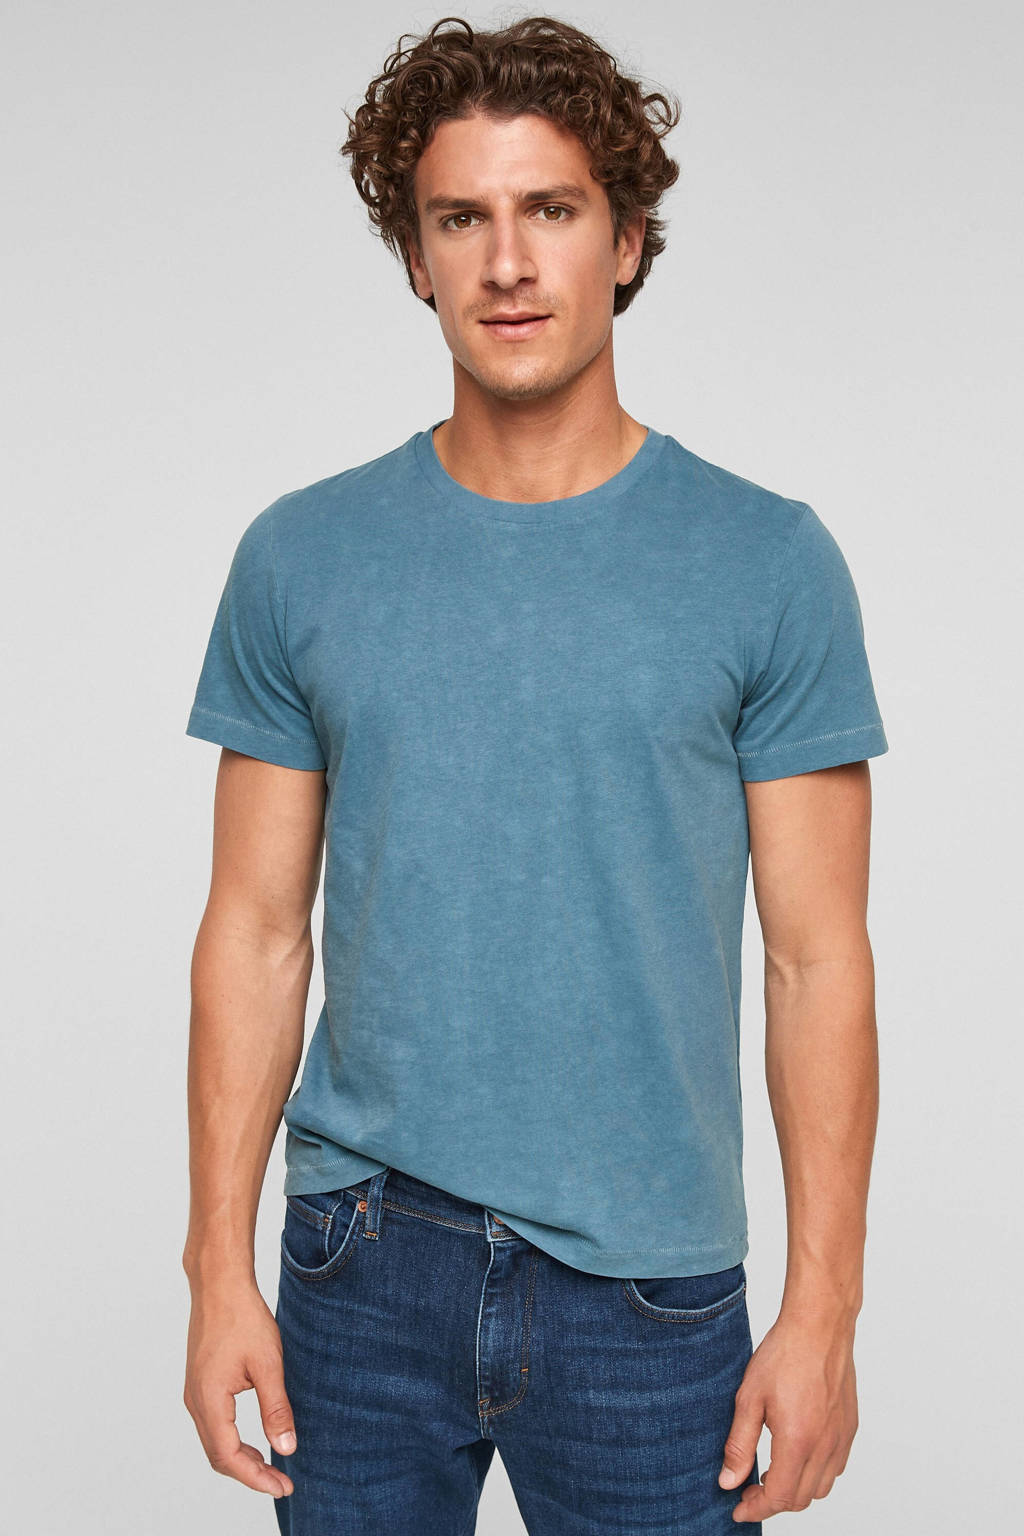 s.Oliver T-shirt lichtblauw, Lichtblauw